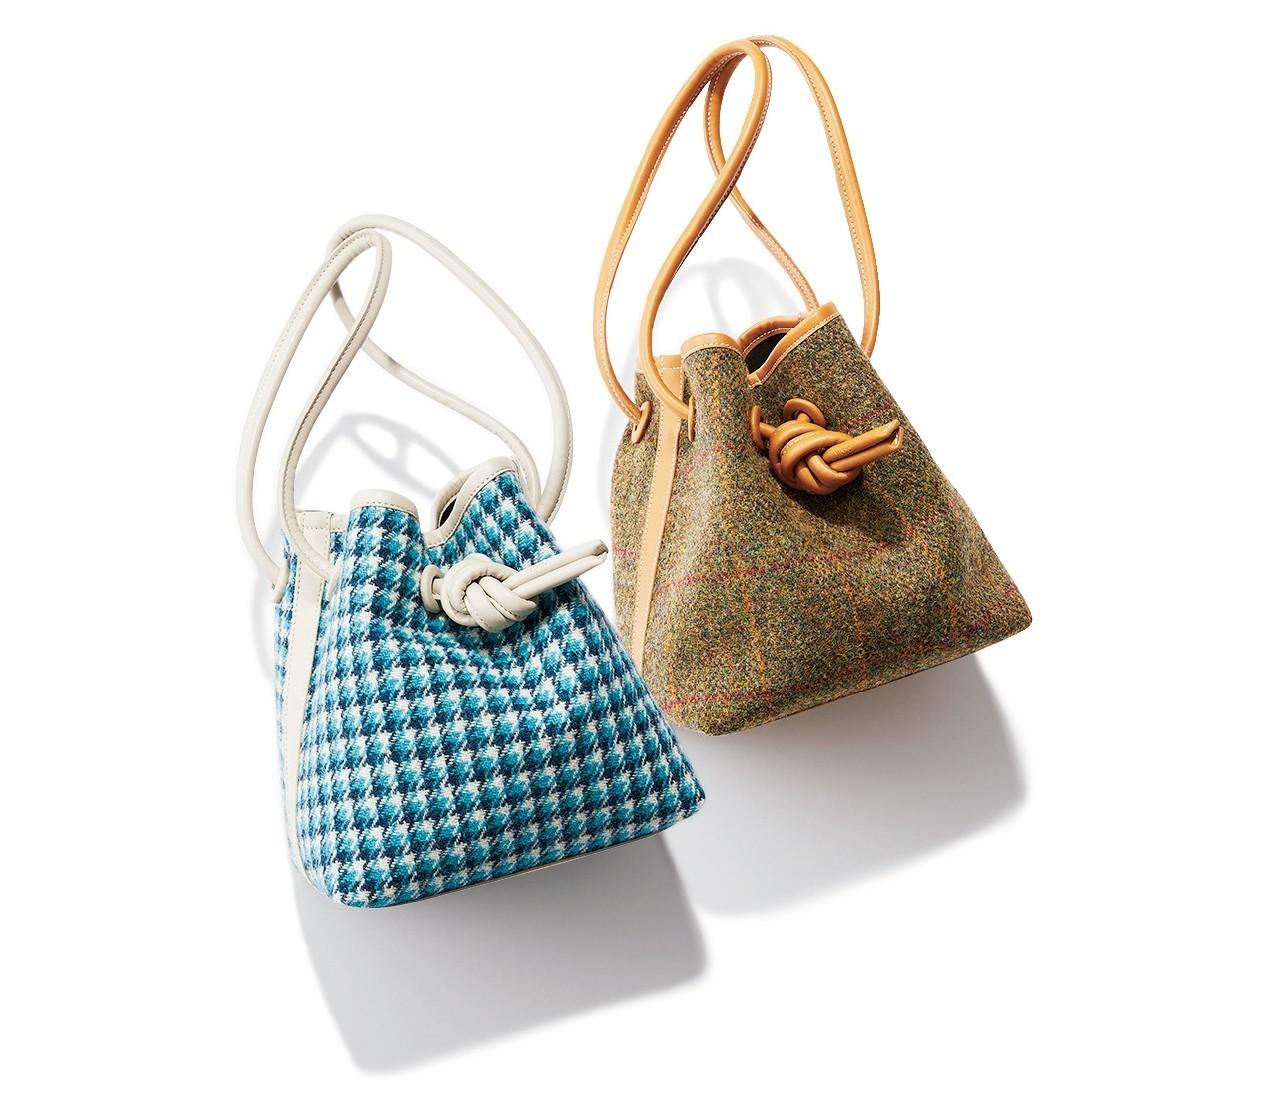 30代女子大人気ブランド【VASIC(ヴァジック)】の秋新作バッグはツイード柄が大充実!